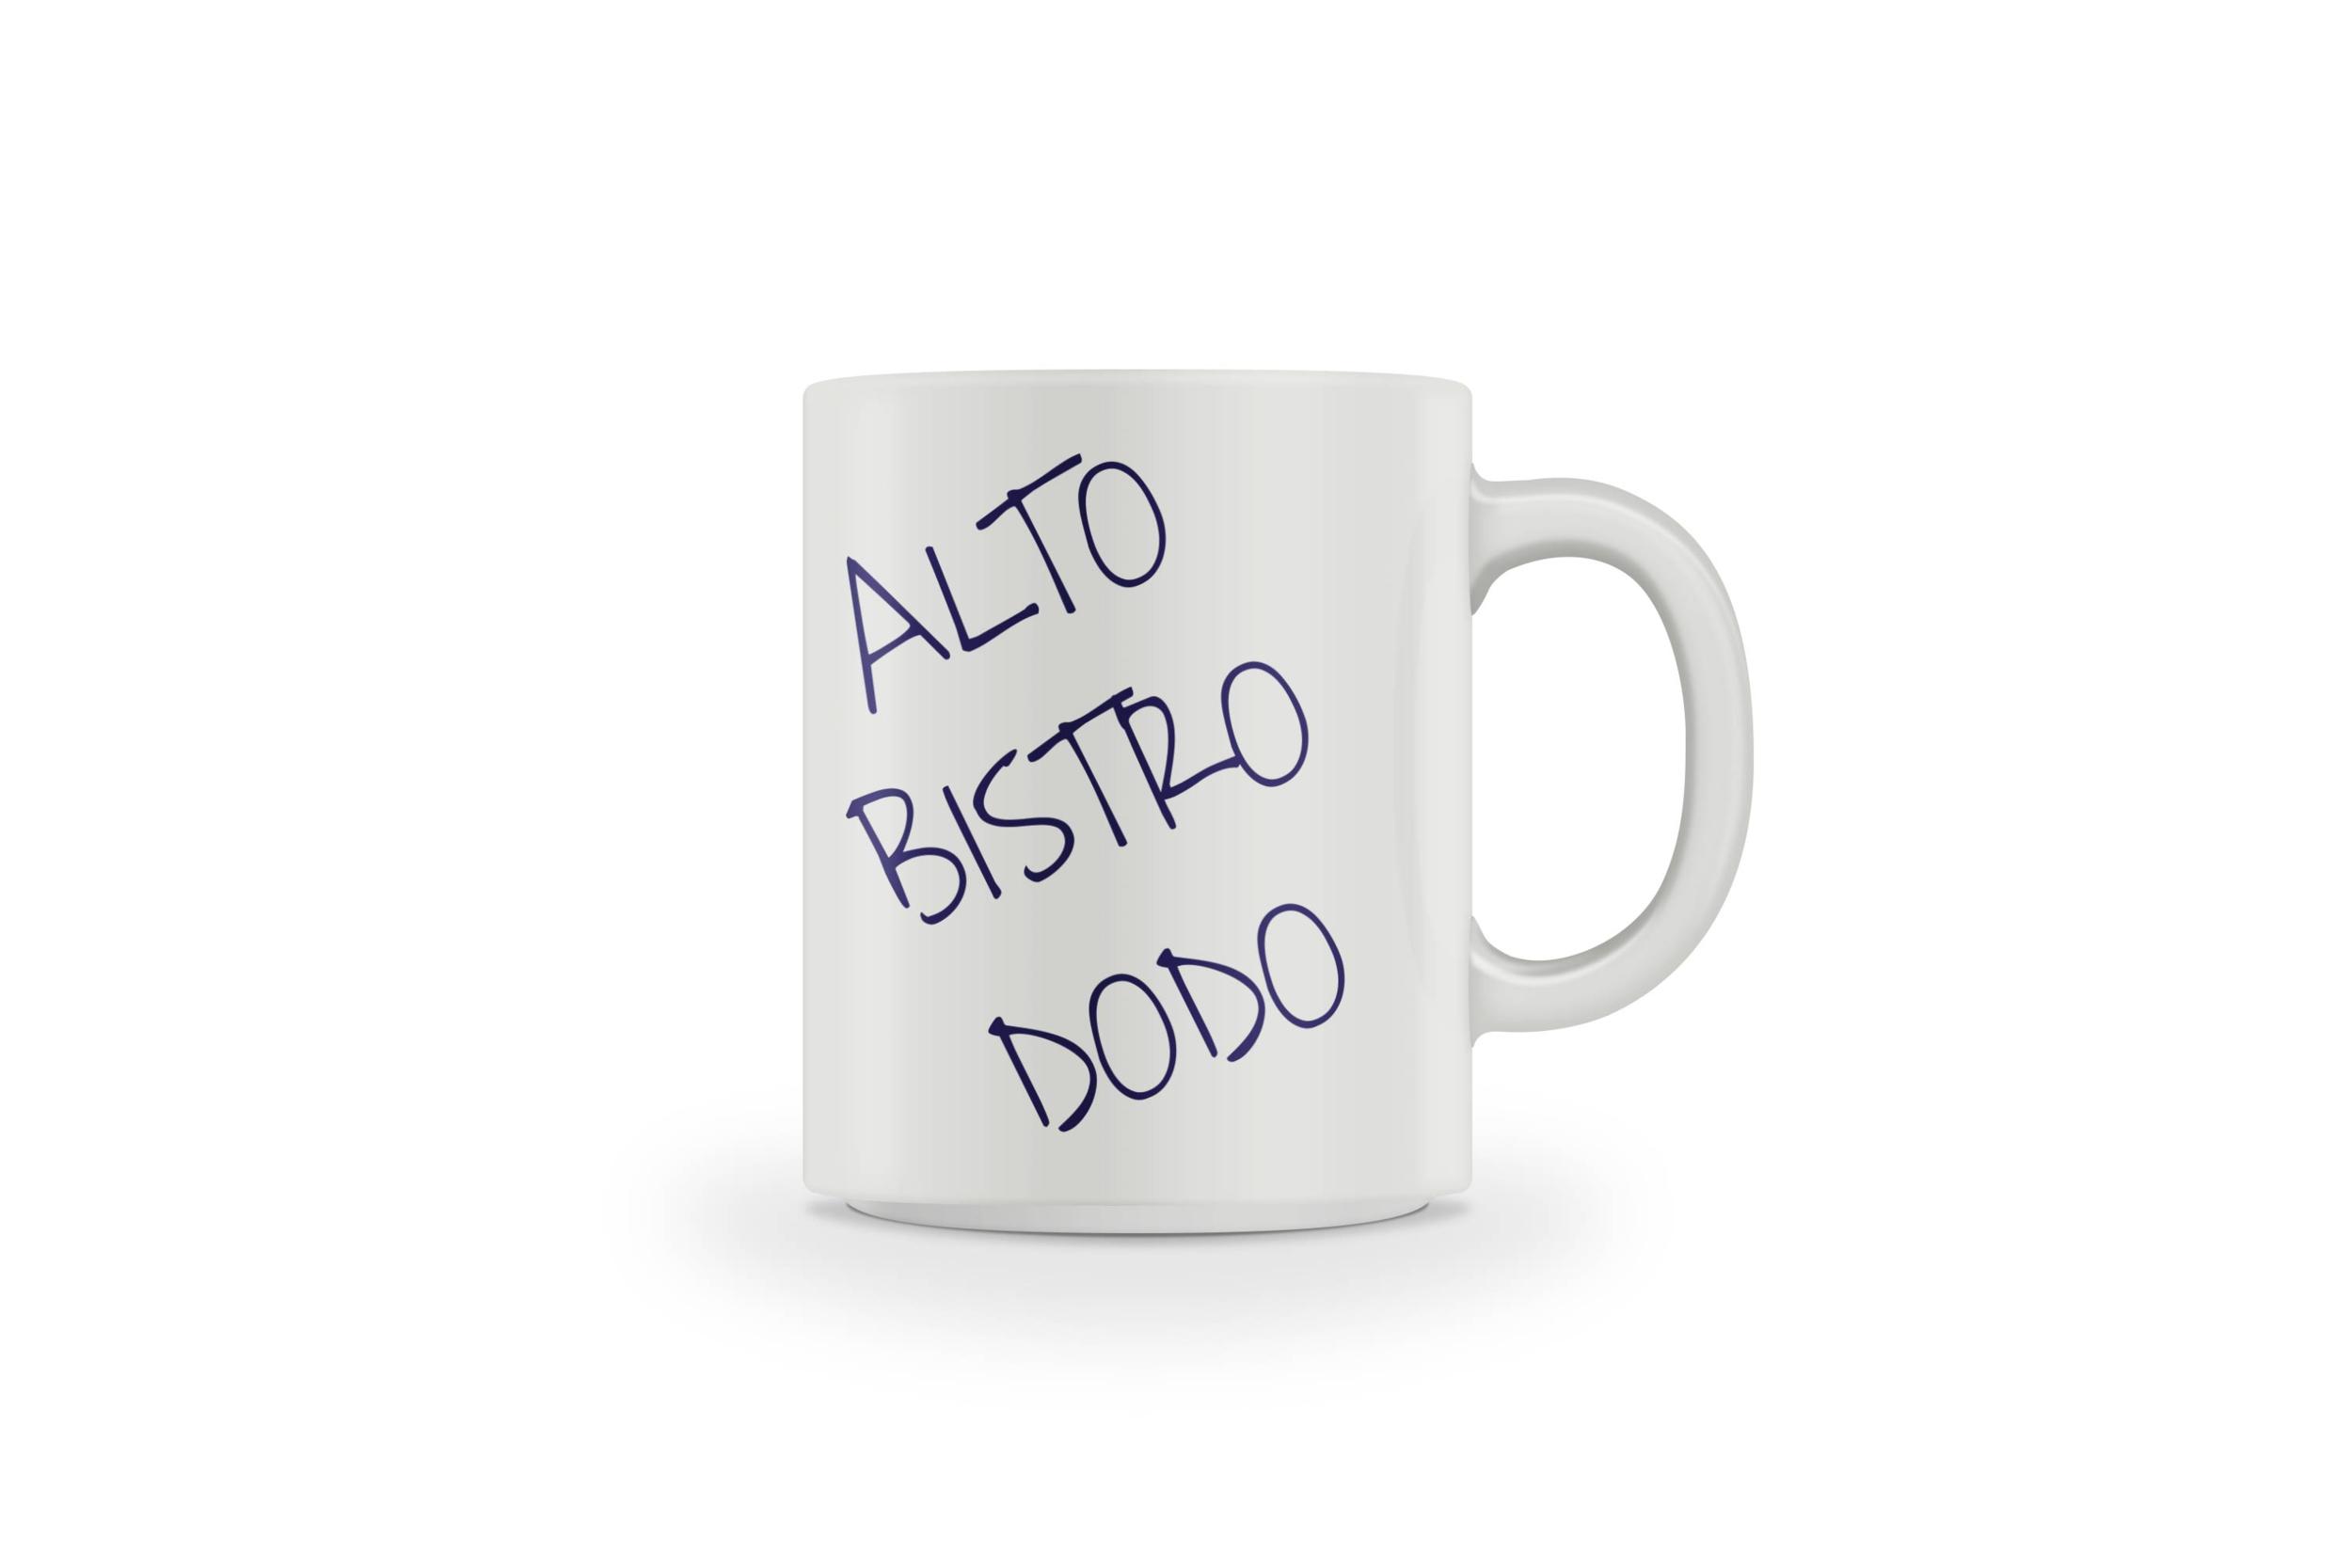 MUG ALTO BISTRO